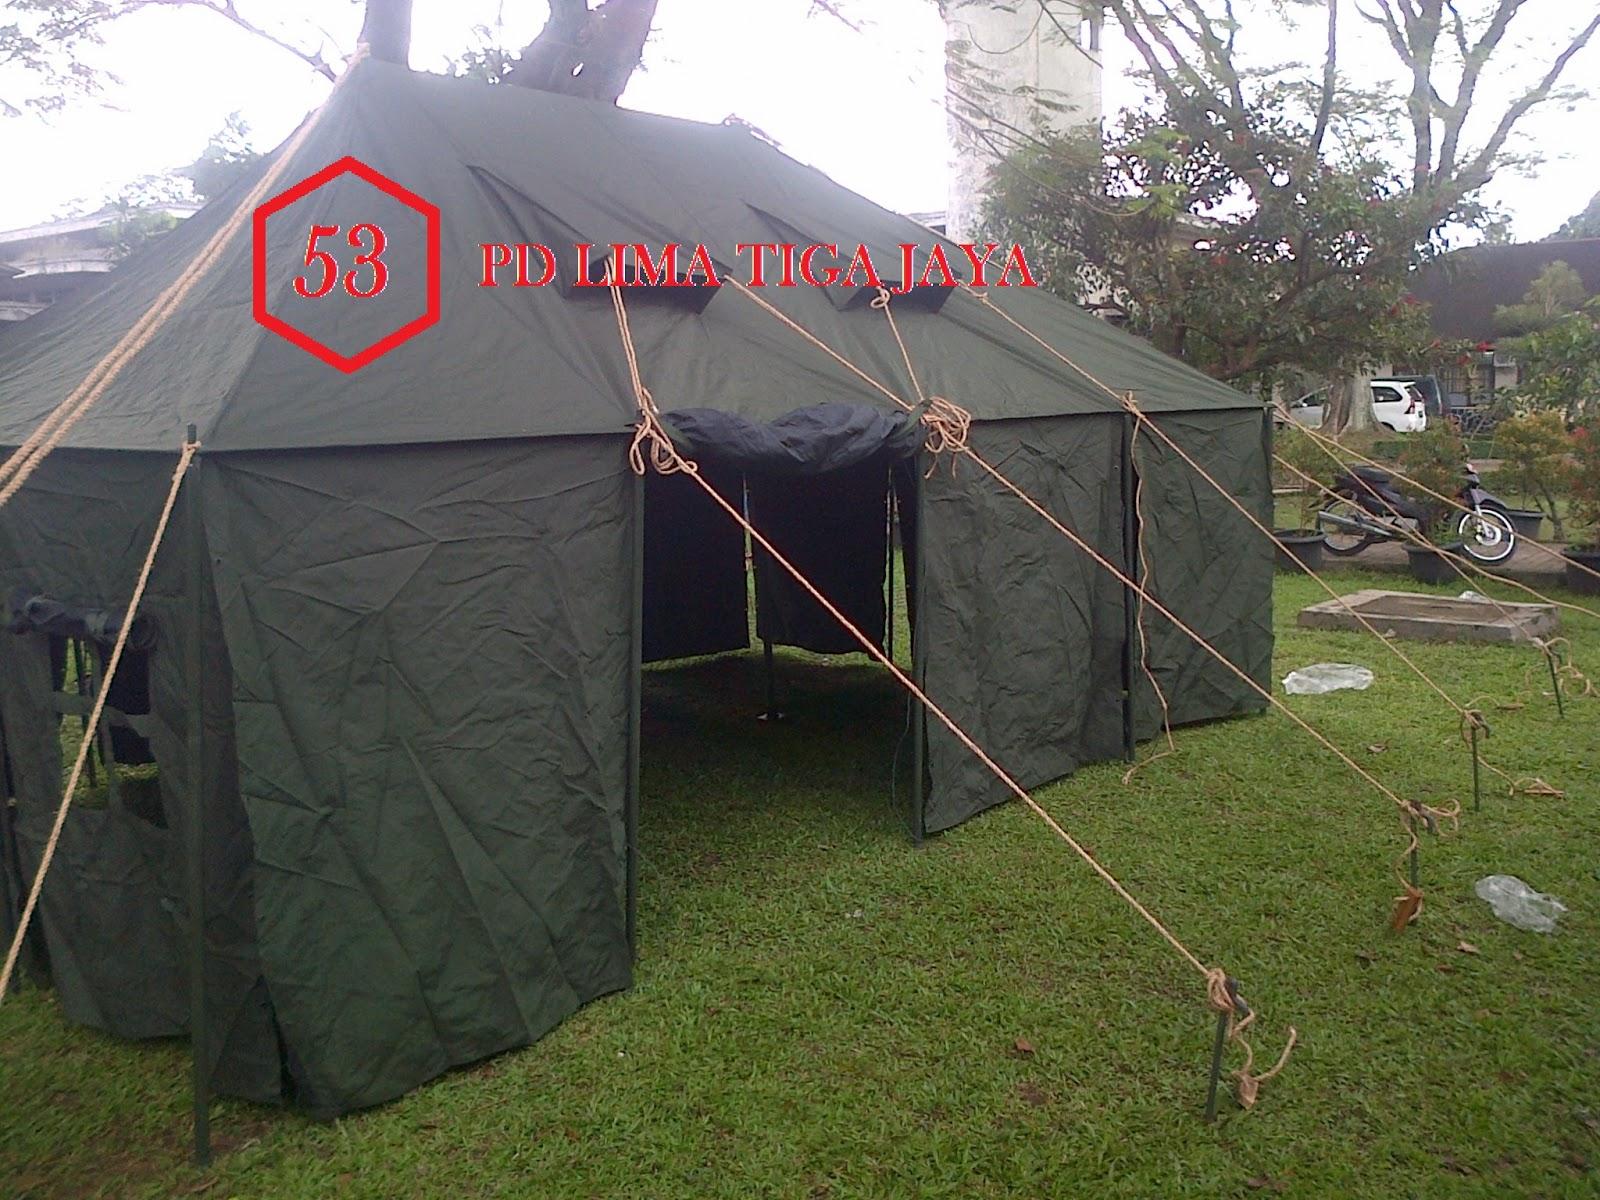 jual tenda komando standar tni , pusat tenda bandung ,tenda murah bandung